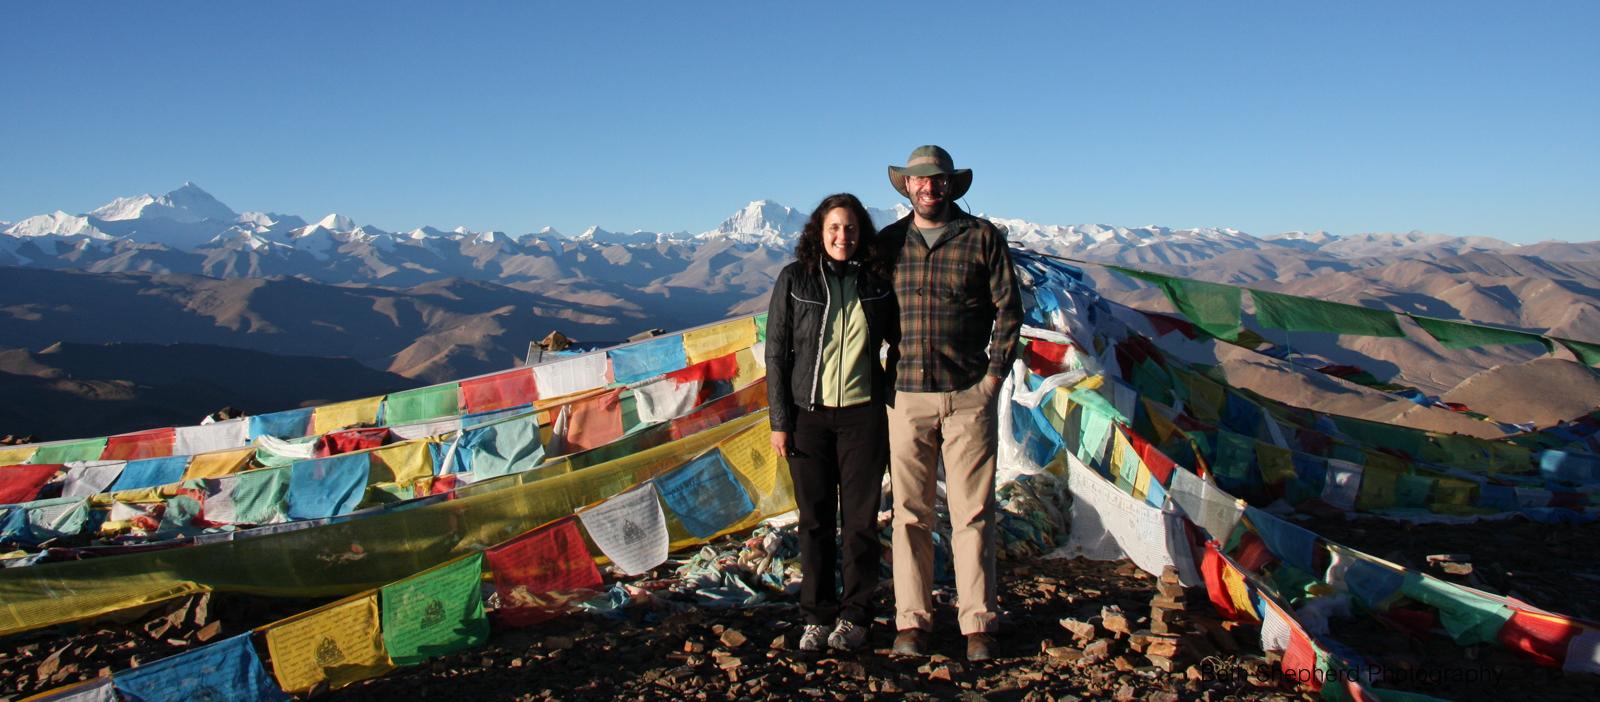 Trip to Tibet Himalayas